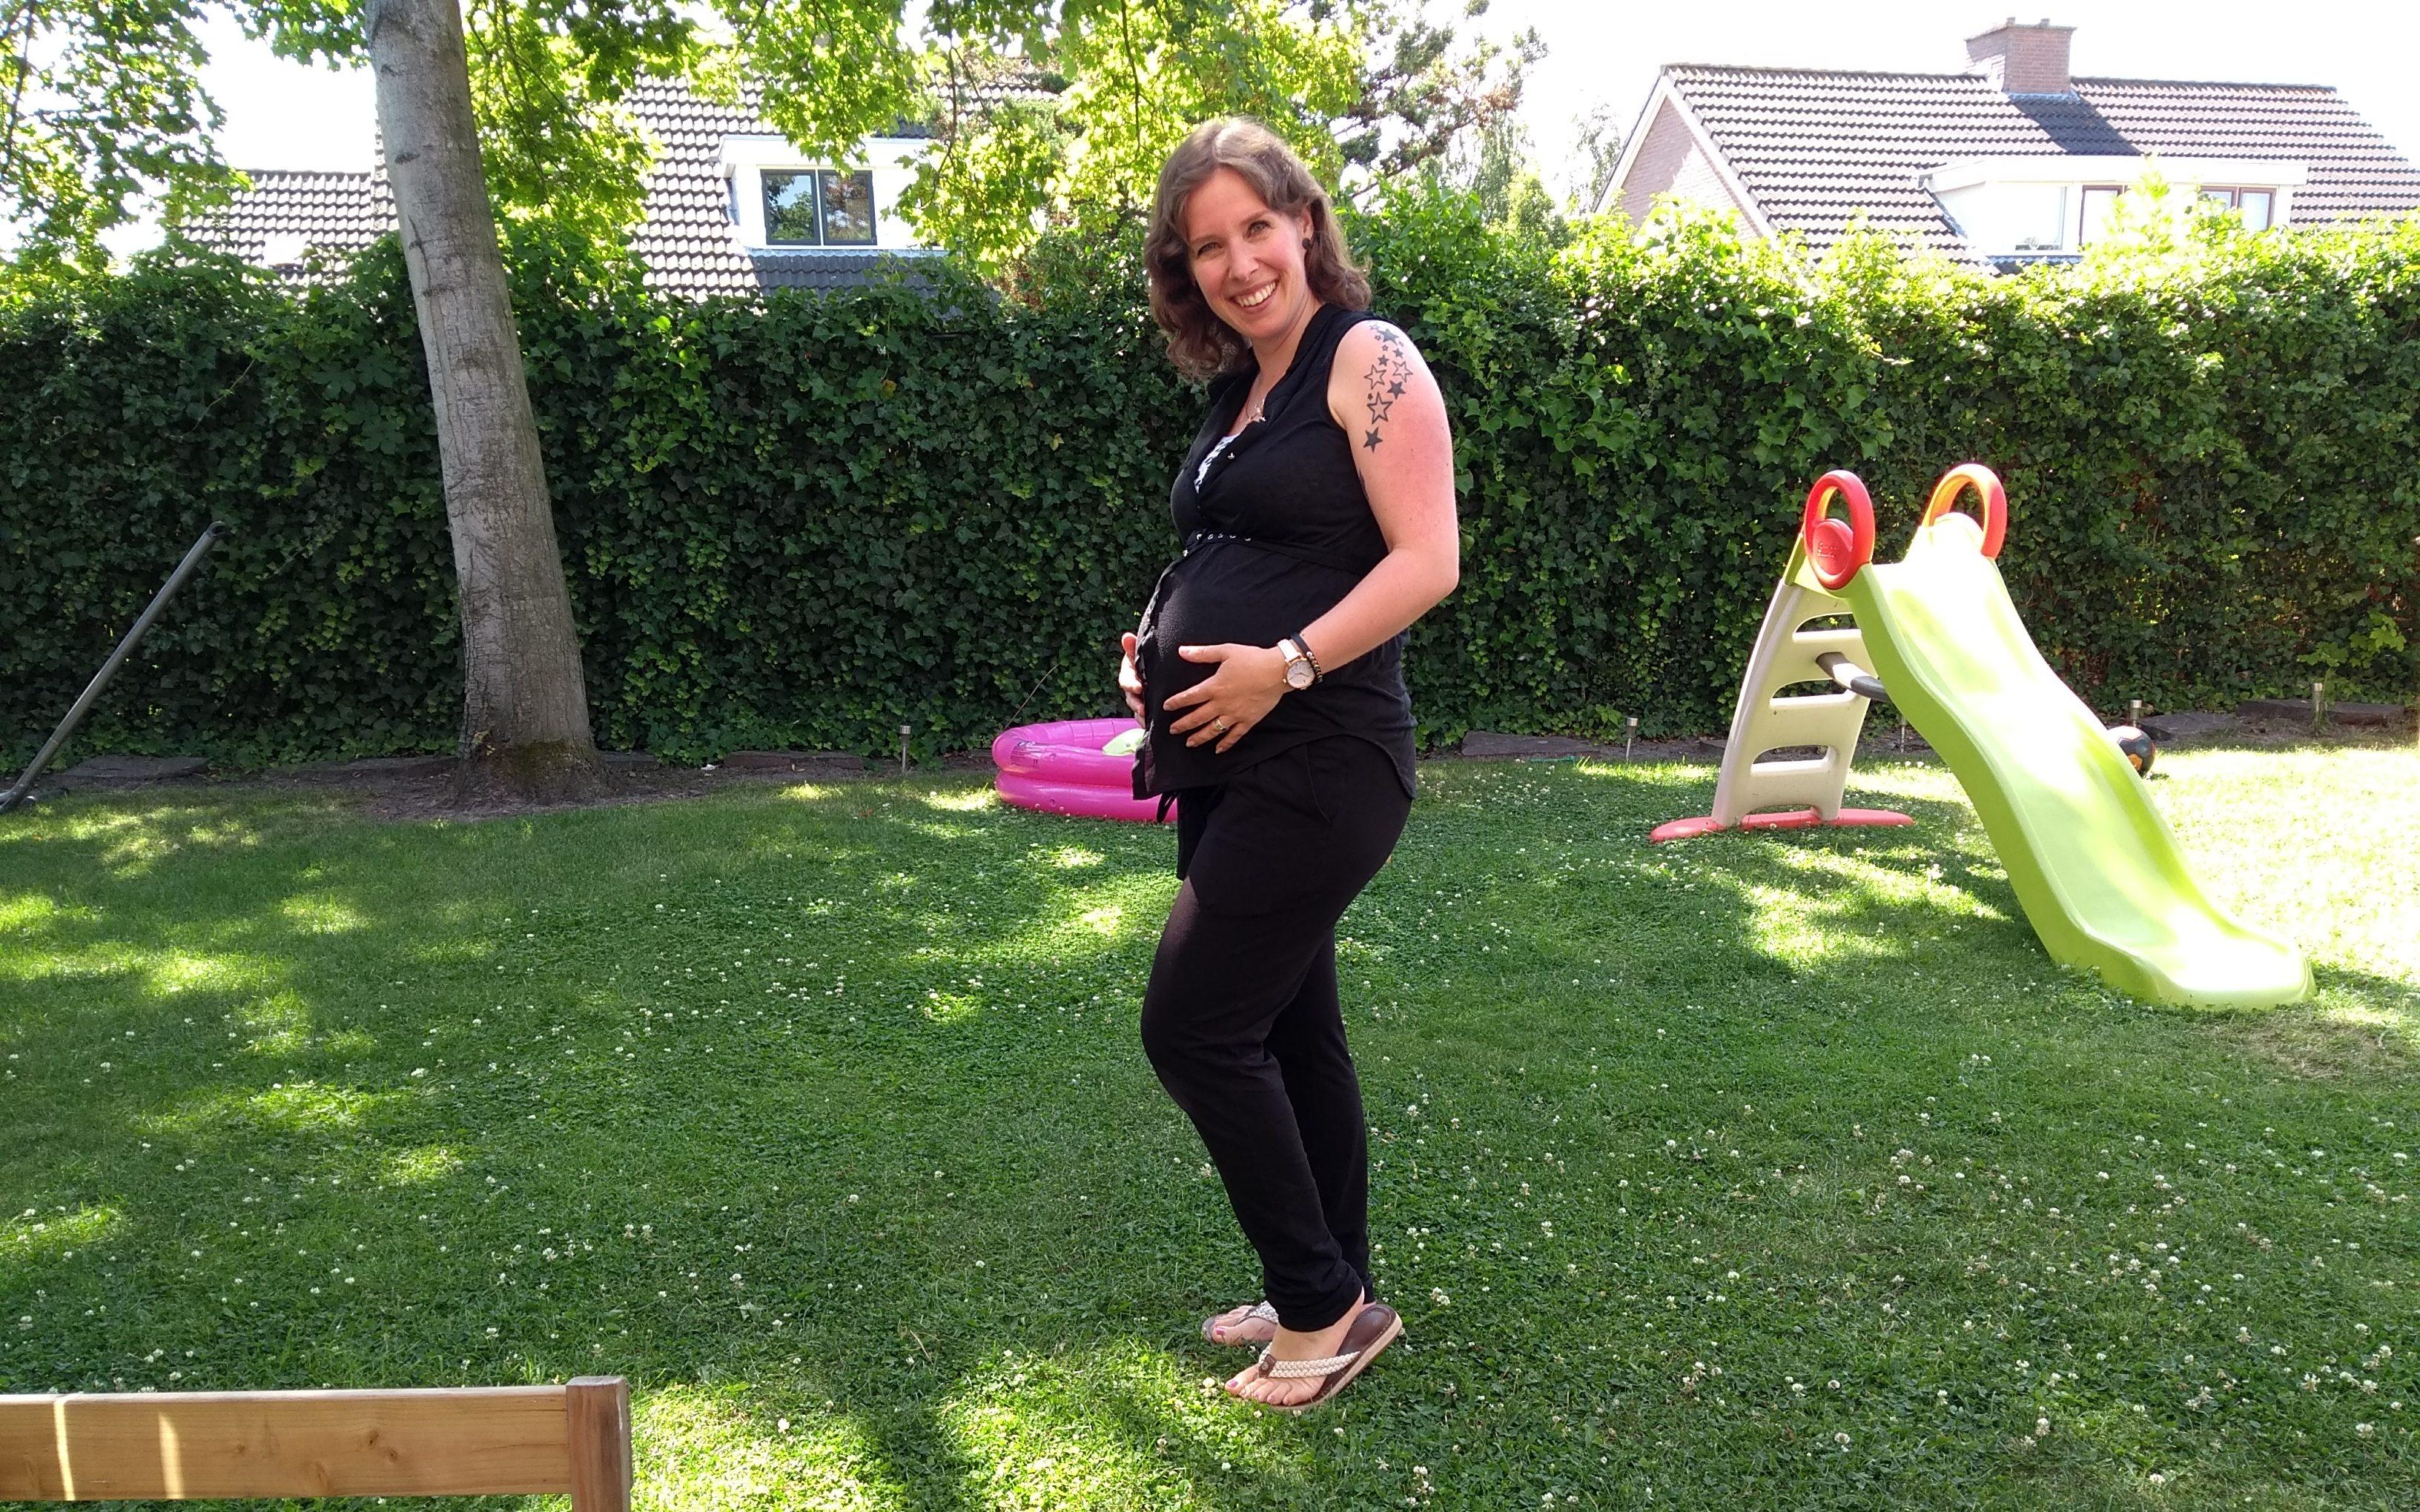 buik, zwanger, zwangerschap, derde zwangerschap, derde kindje, babybuik, pregnant, belly, babybump, mama en zwanger, zo die buik, mamablog, momblog, lalogblog, lalog.nl, lalog, over mij, mamablogger